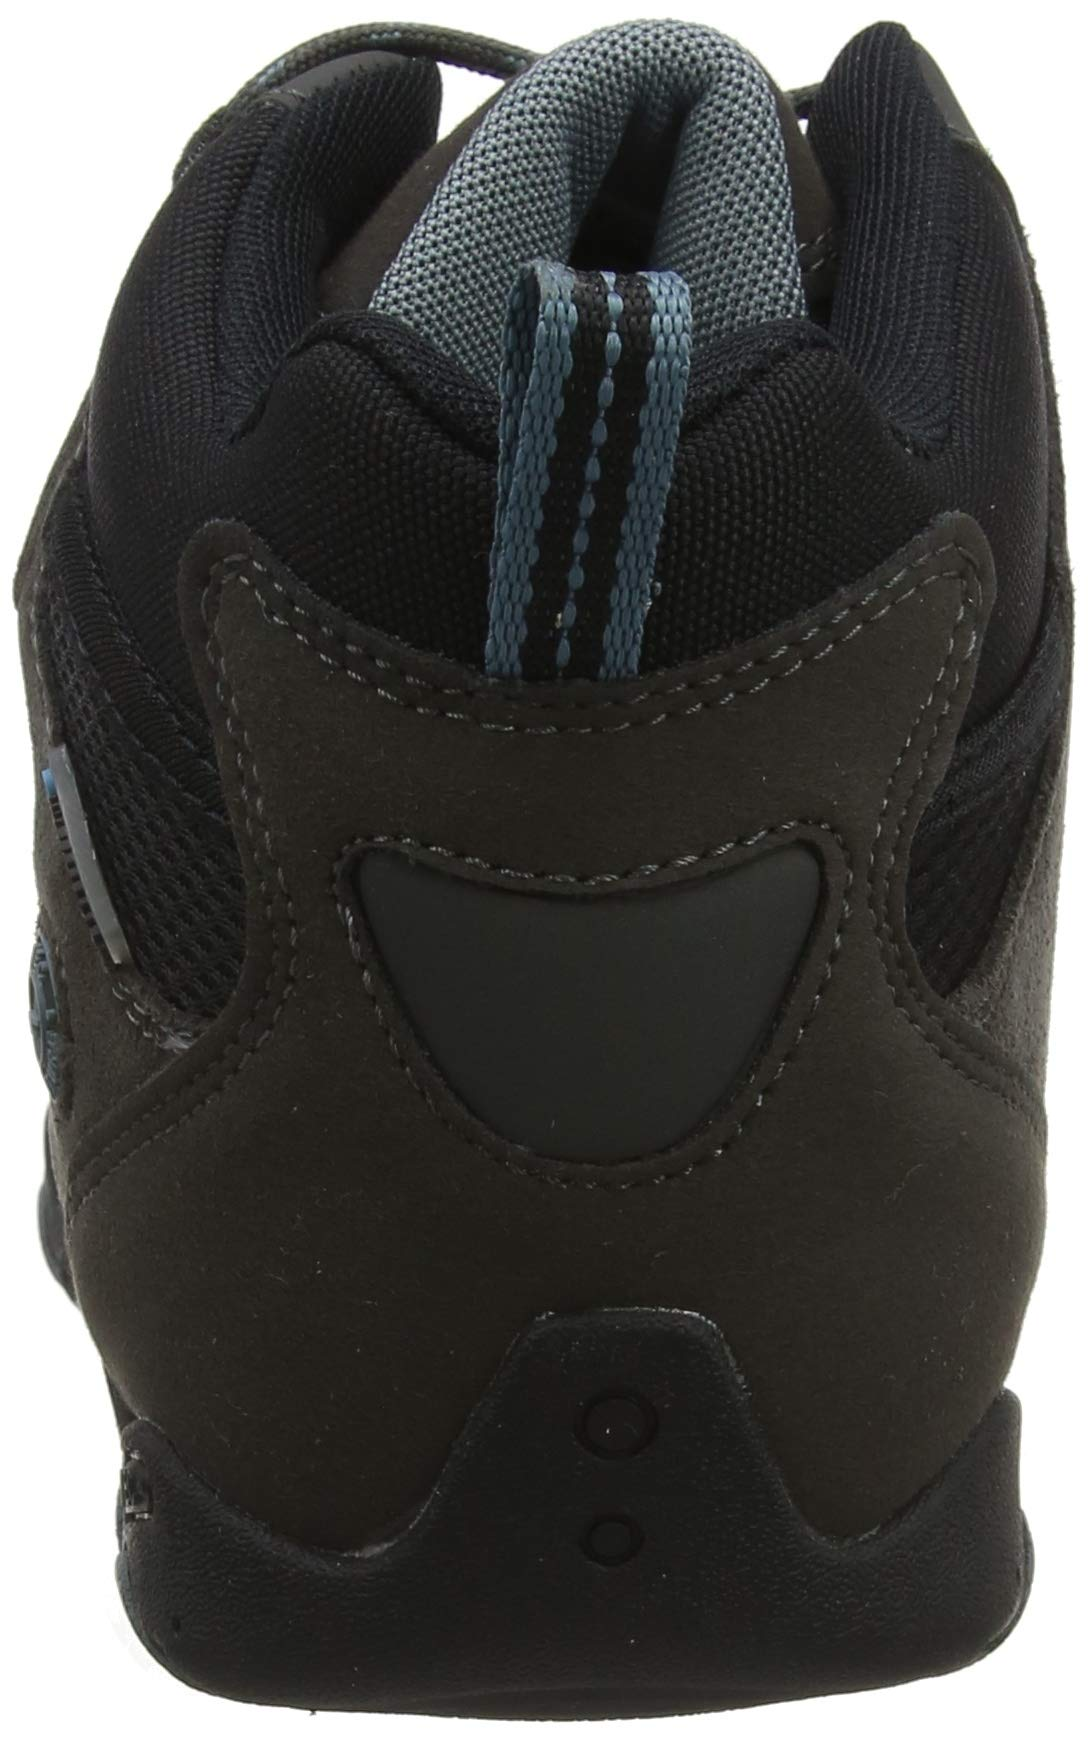 Hi-Tec Men's Quadra Mid Wp Multisport Boots 2